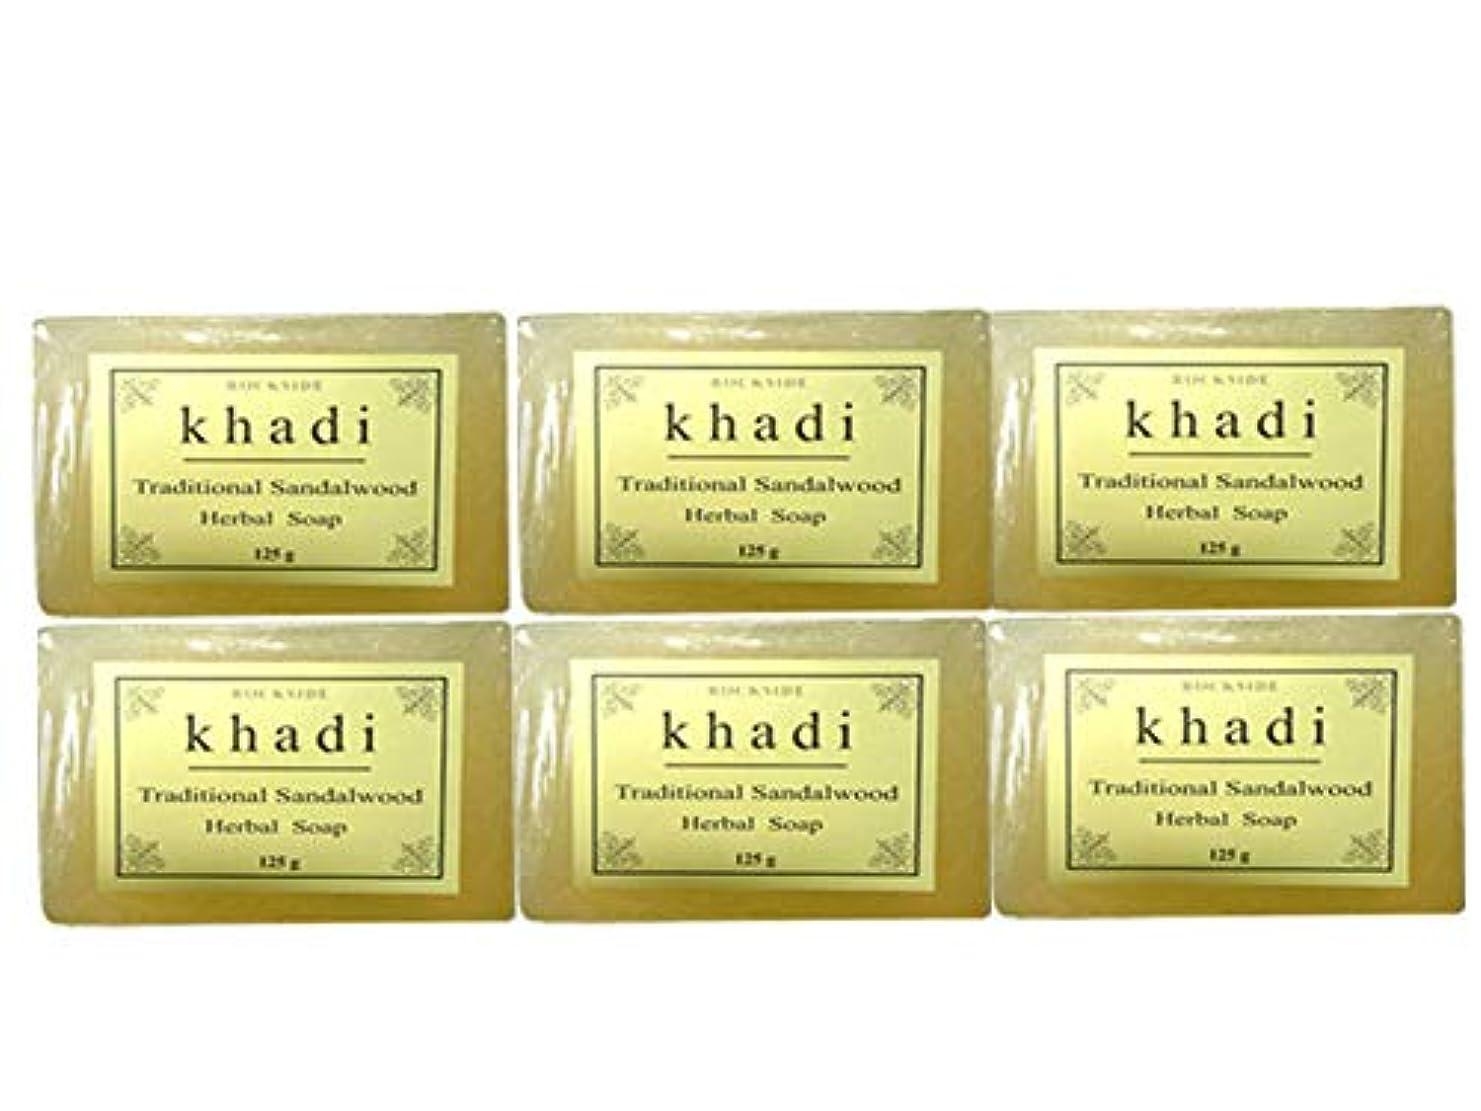 描く湿地薬局手作り カーディ サンダルウッド ソープKhadi Traditional Sandalwood Soap 6個セット